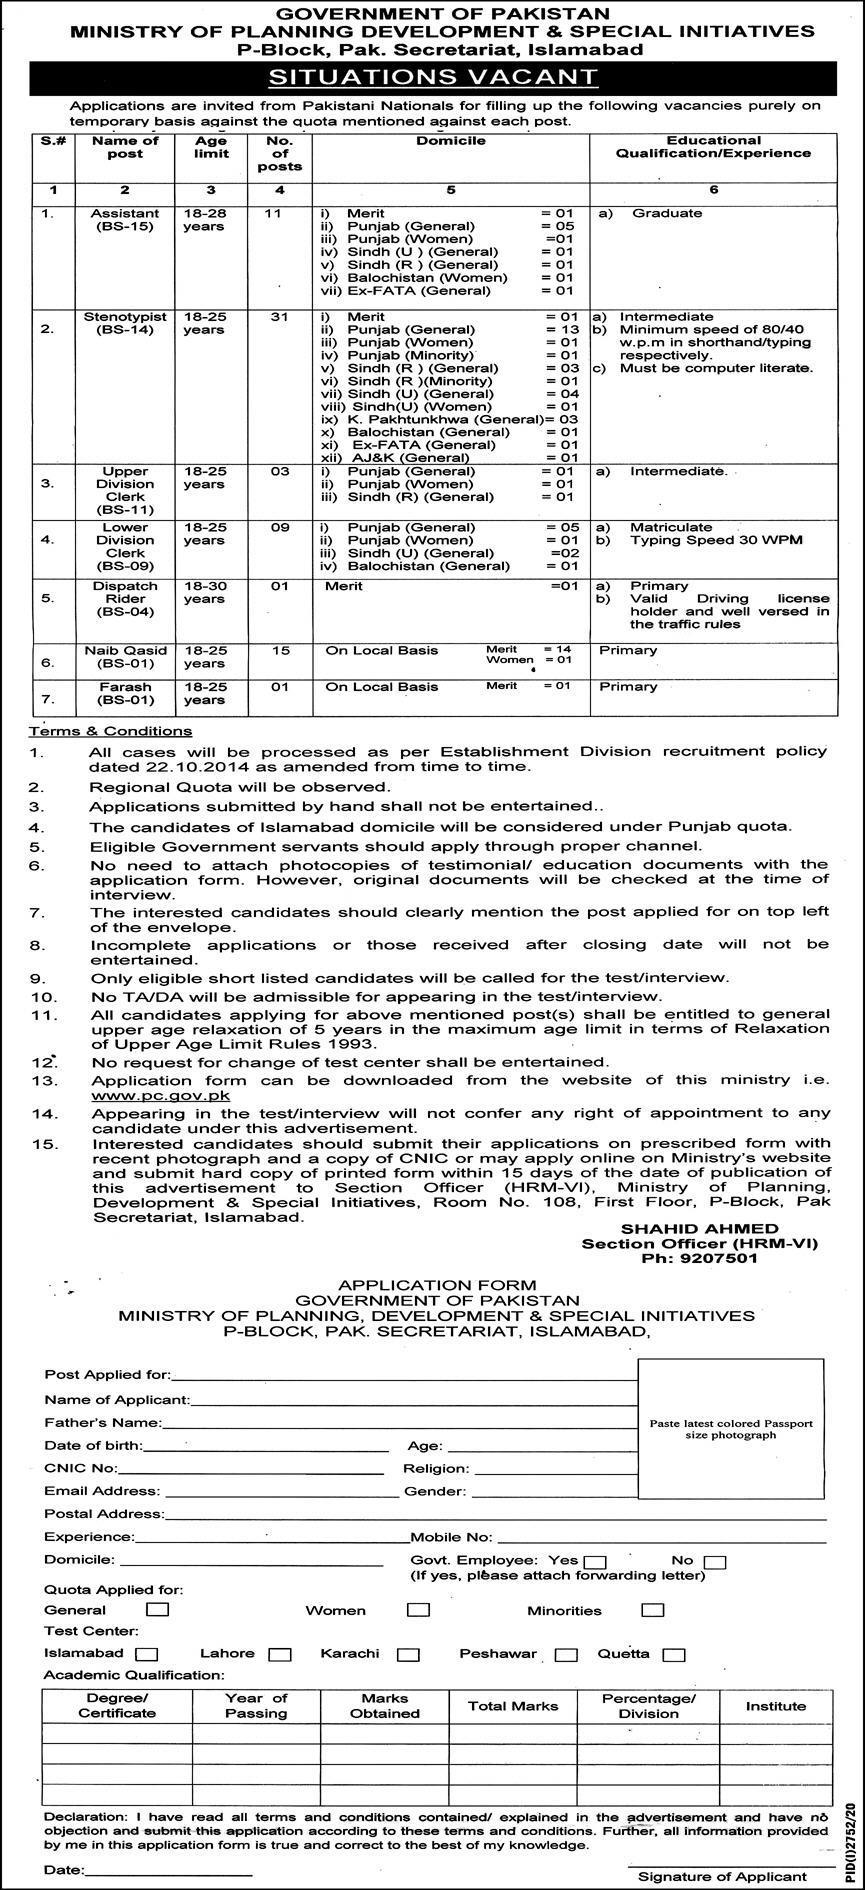 Ministry of Planning Development Jobs November 2020 | pc.gov.pk